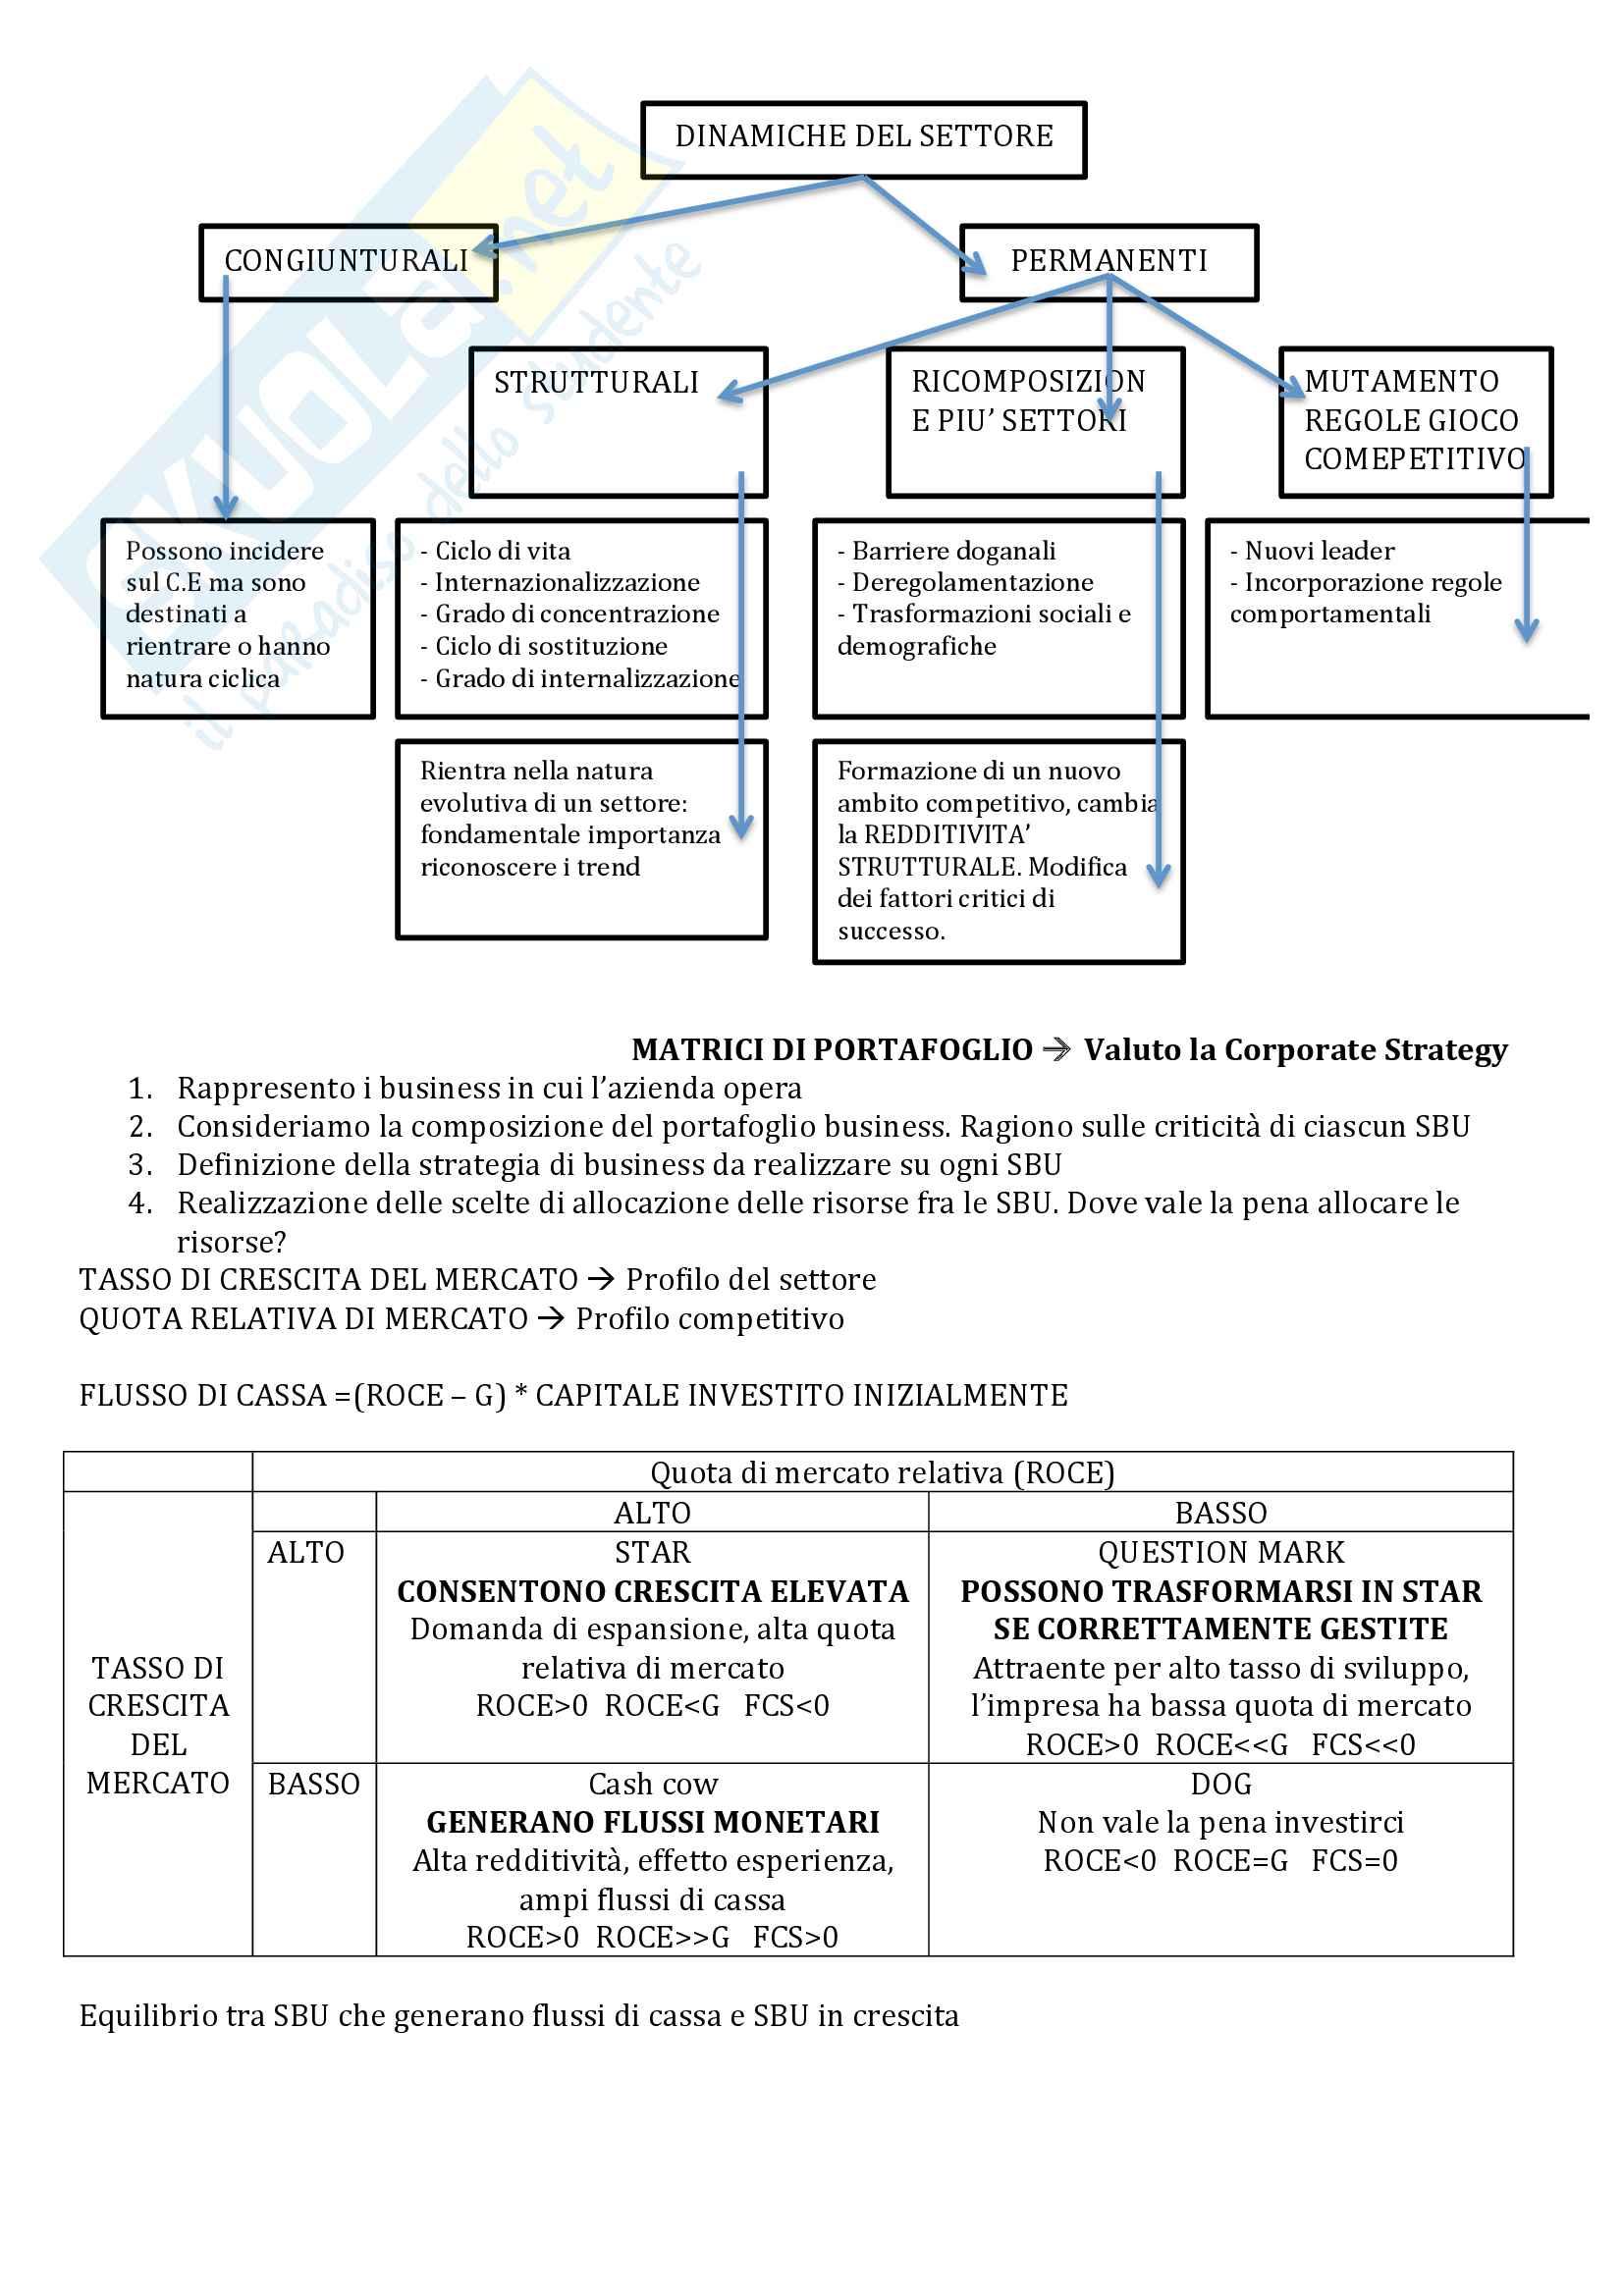 Cassetta degli attrezzi - Analisi strategica Pag. 6